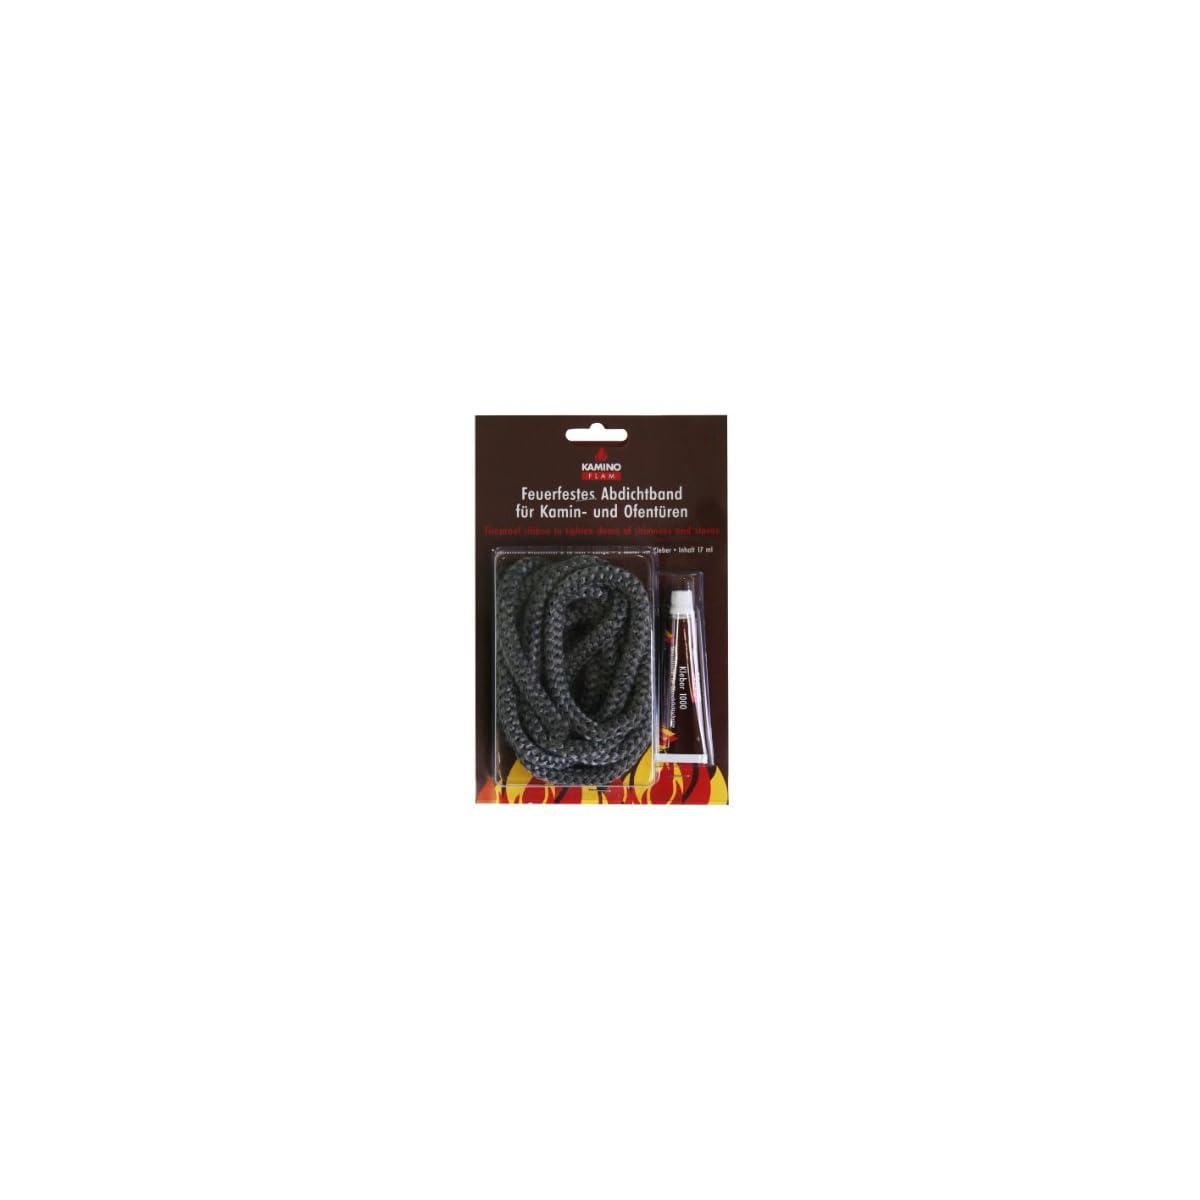 41PXOJBjGML. SS1200  - Kamino-Flam Cristal-Cuerda Antracita Diámetro 10x 2mm pegamento, 333211